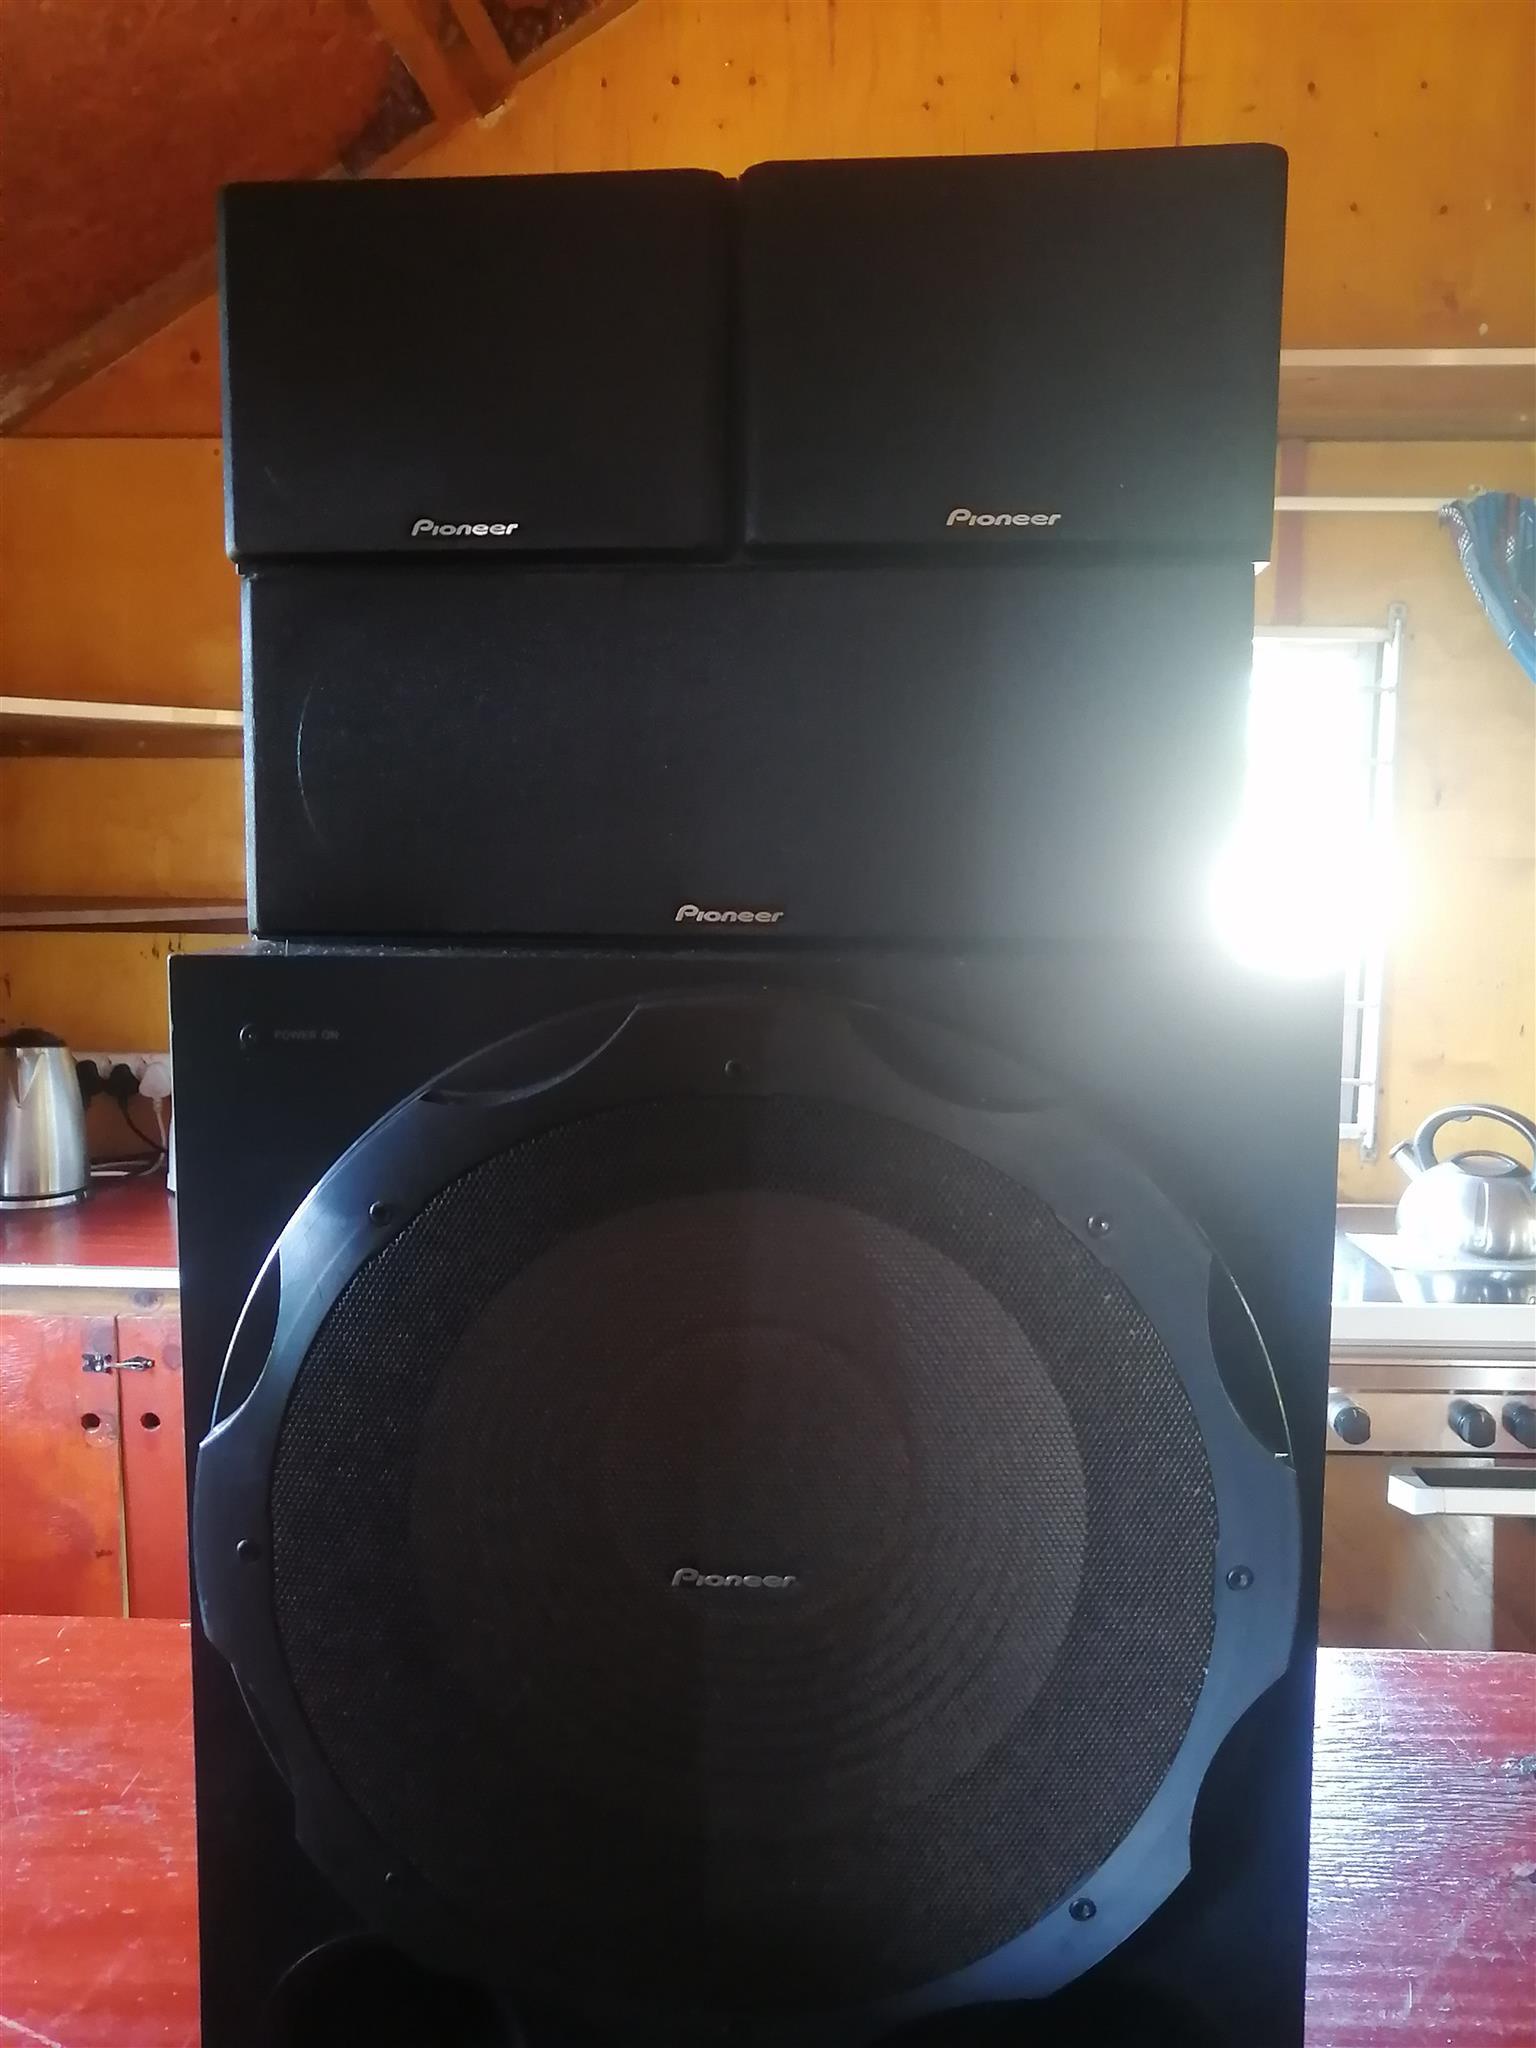 Pioneer Amplifier VSX-531 including speakers.